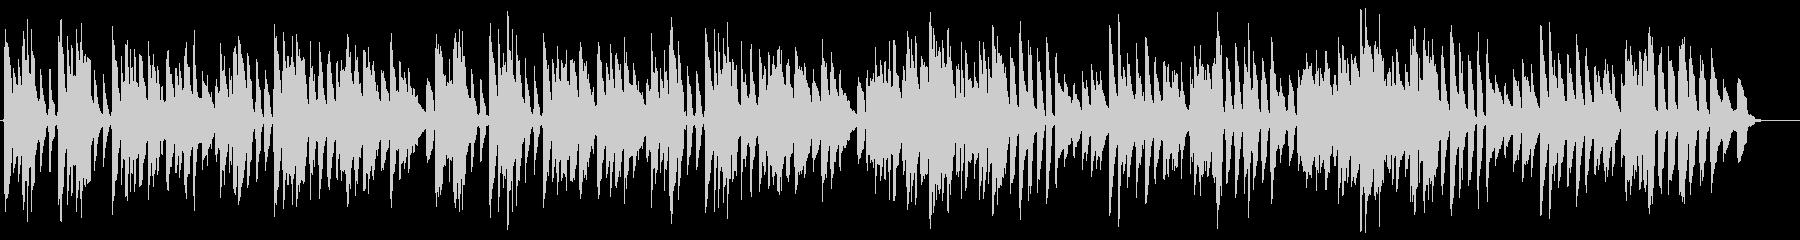 バッハ/メヌエット第3番をヴァイオリンでの未再生の波形